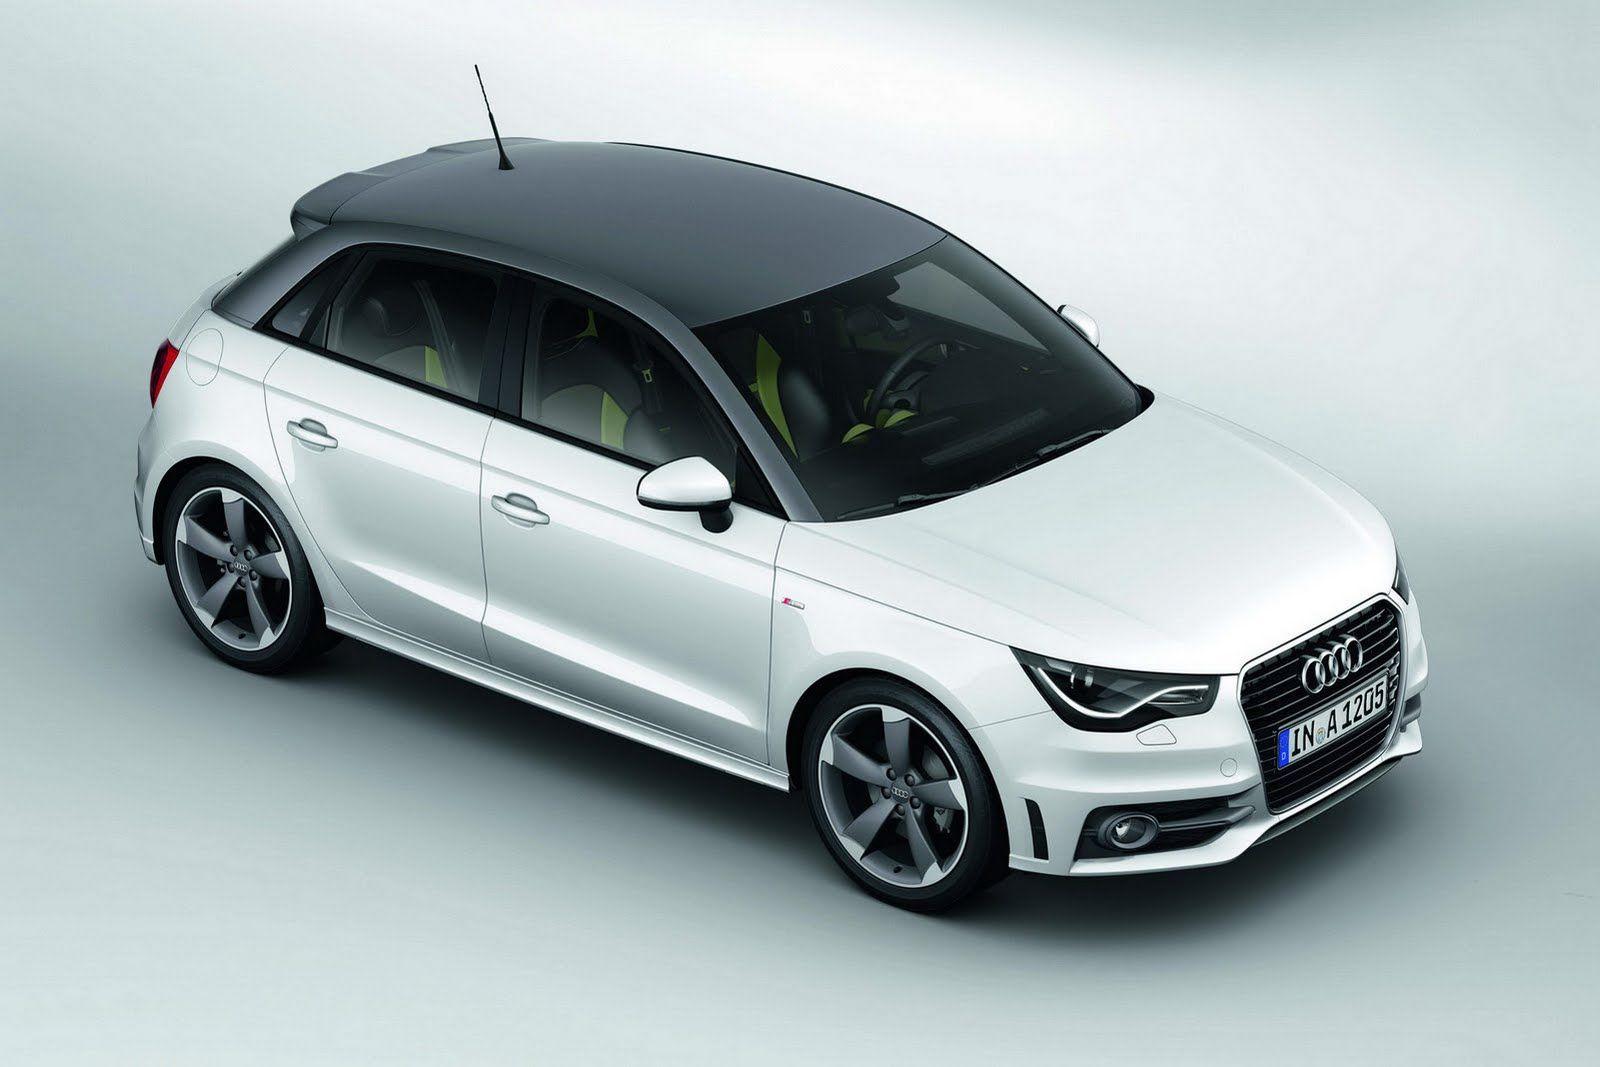 Audi A1 Blanc Audi A1 Sportback Audi A1 Audi A1 White